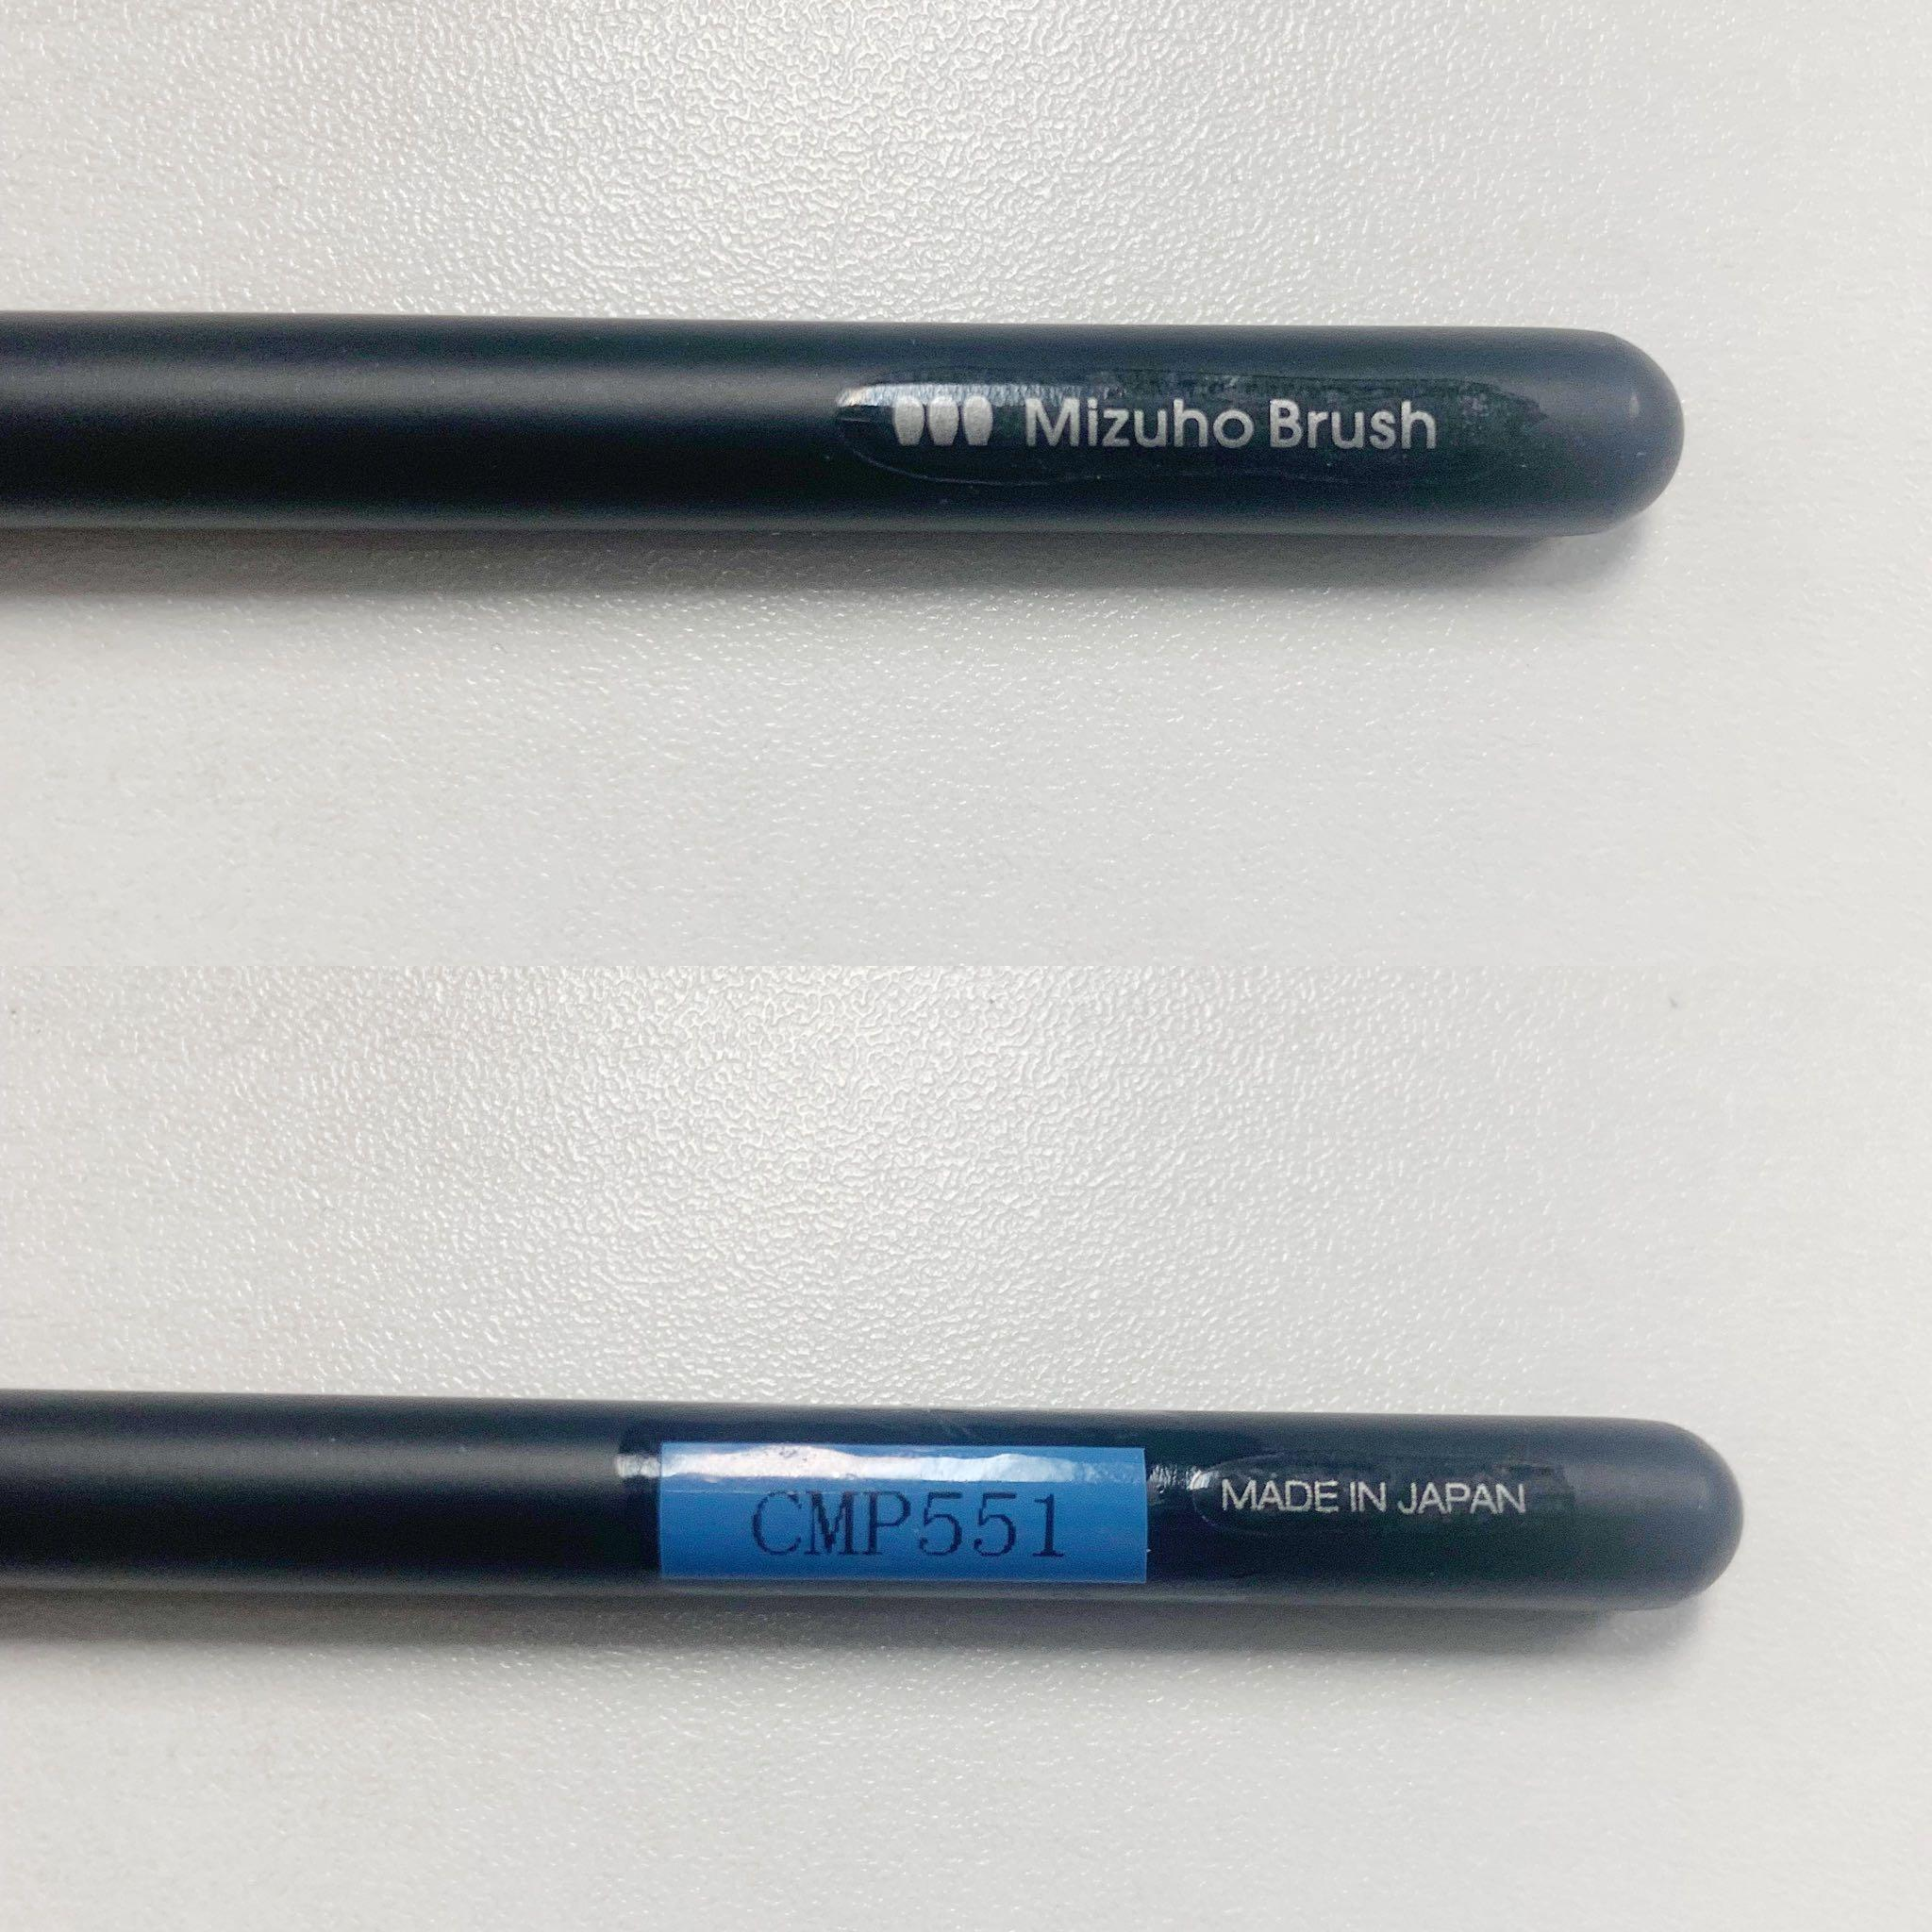 日本 Mizuho 瑞穗 CMP551 Eye brow Liner Brush Eyeshadow 眼影掃 眉掃 眼線掃 化妝掃